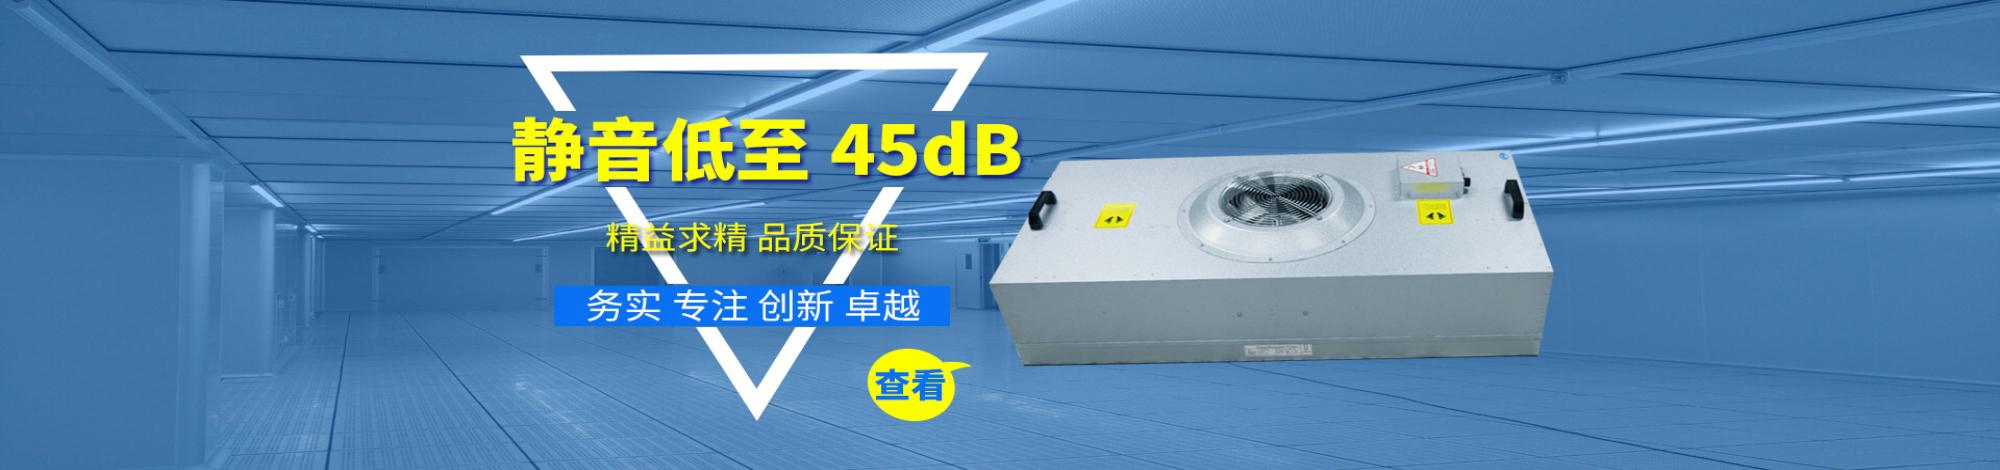 深圳市兆鑫净化科技有限公司